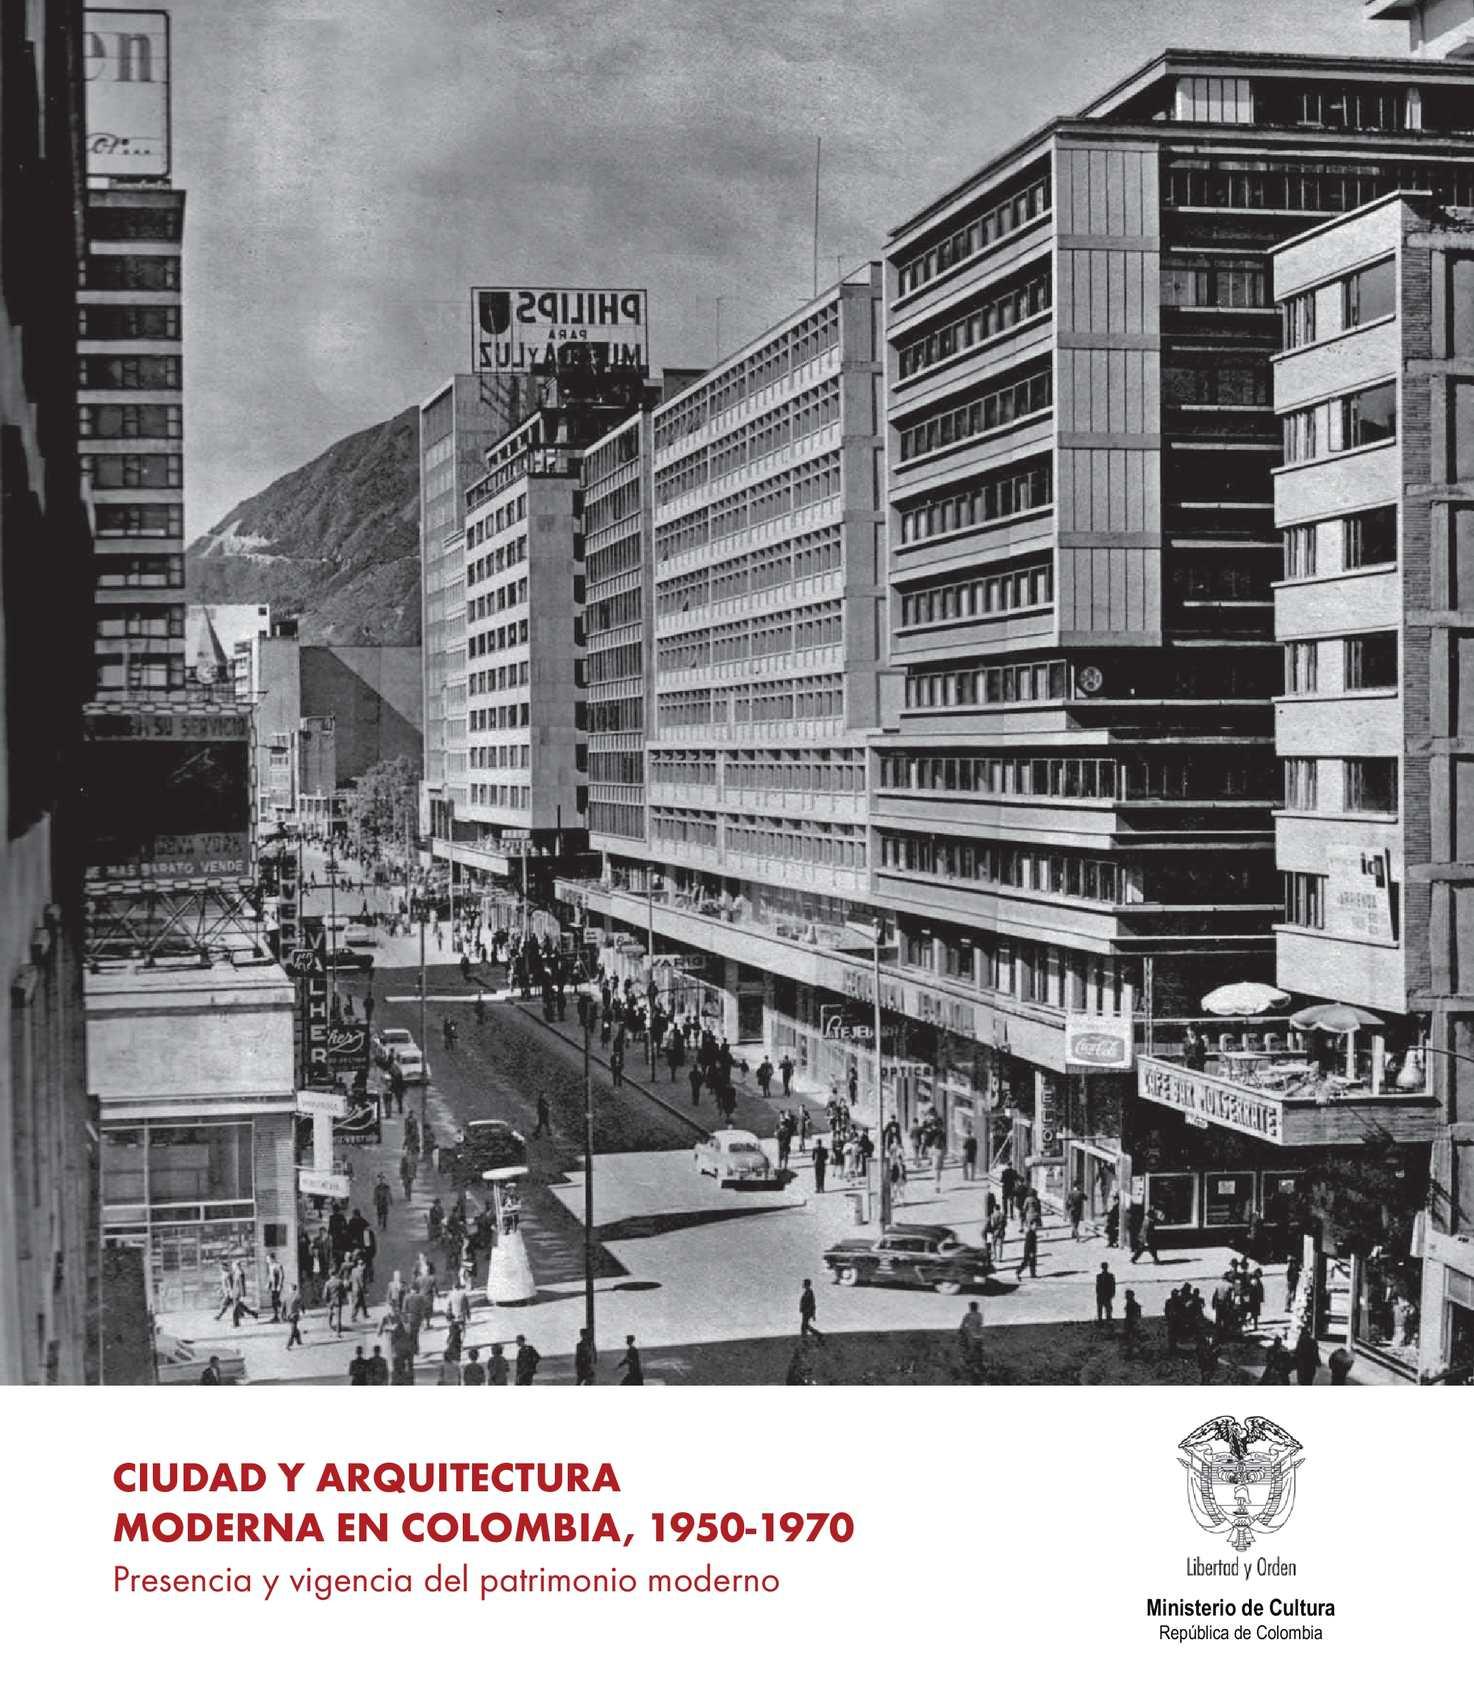 Calam o ciudad y arquitectura moderna en colombia for Arquitectos de la arquitectura moderna